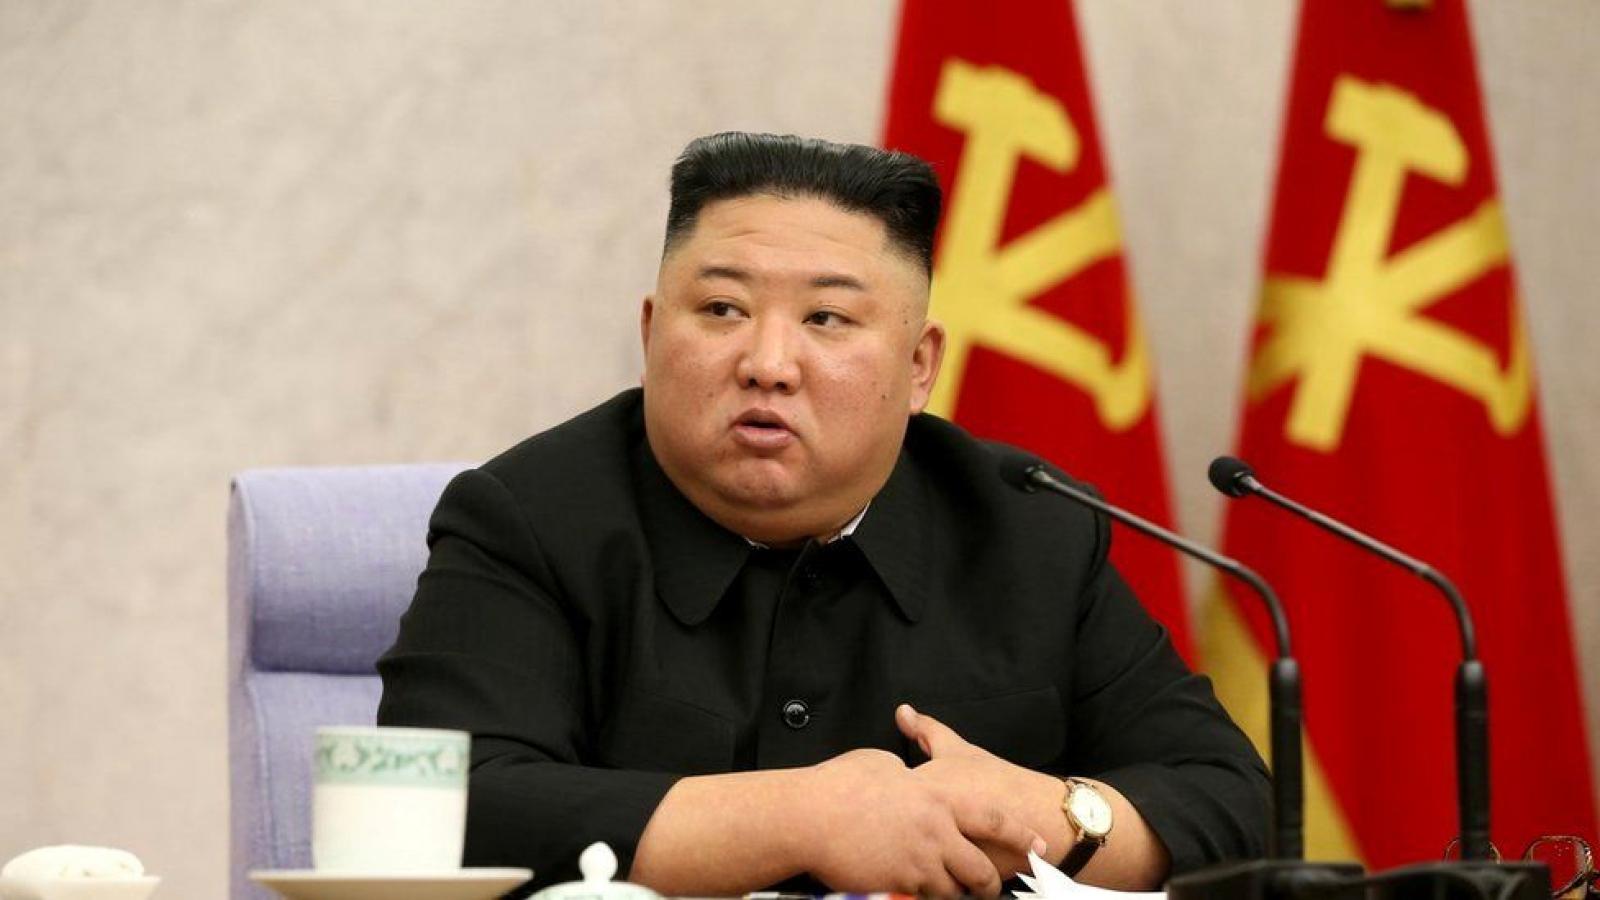 Ngoại trưởng các nước G7 kêu gọi Triều Tiên quay trở lại đối thoại